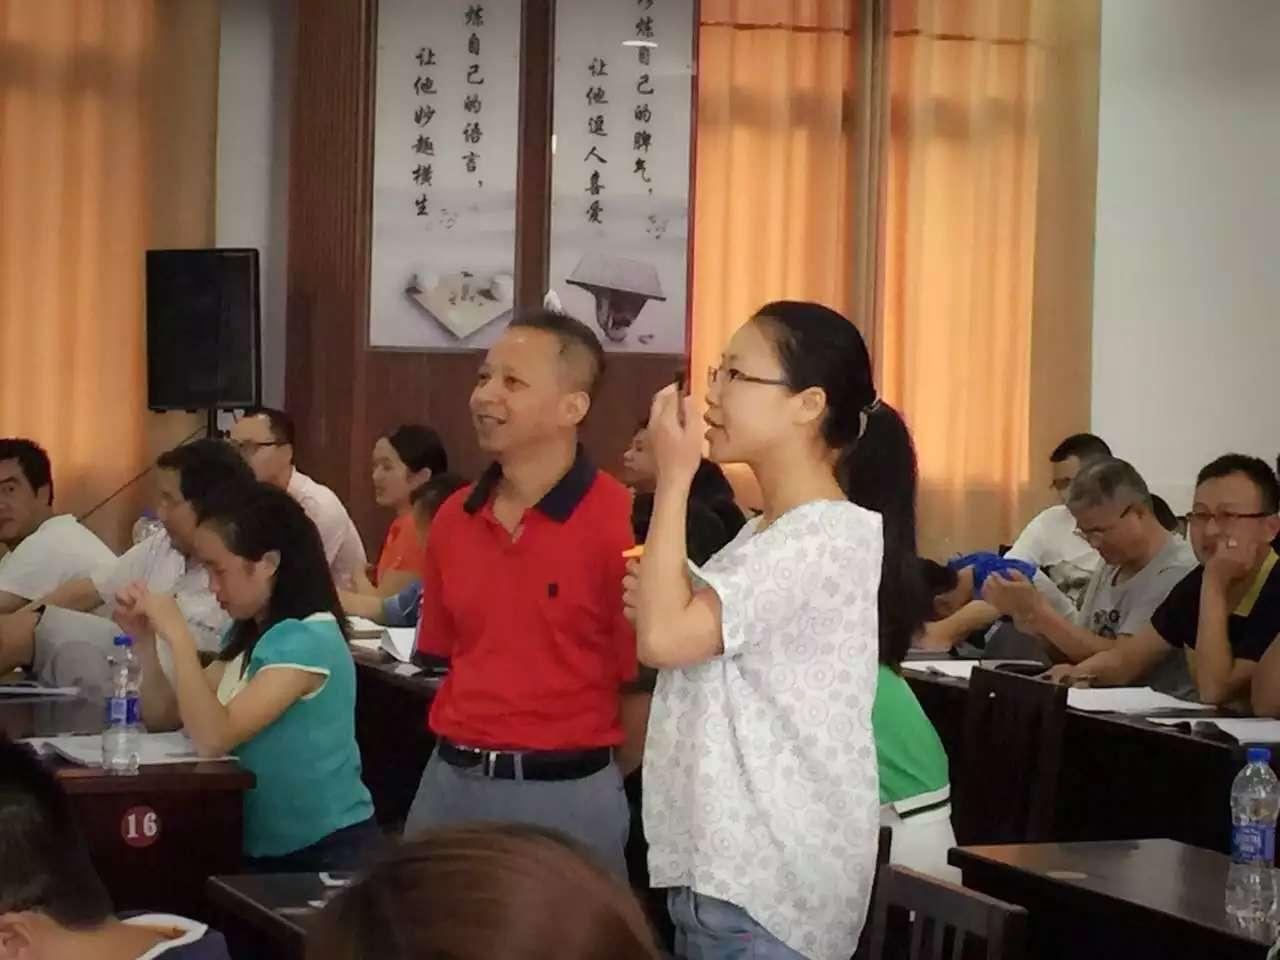 重庆市丰都第二中学《高效课堂模式的流程打造》专题讲座